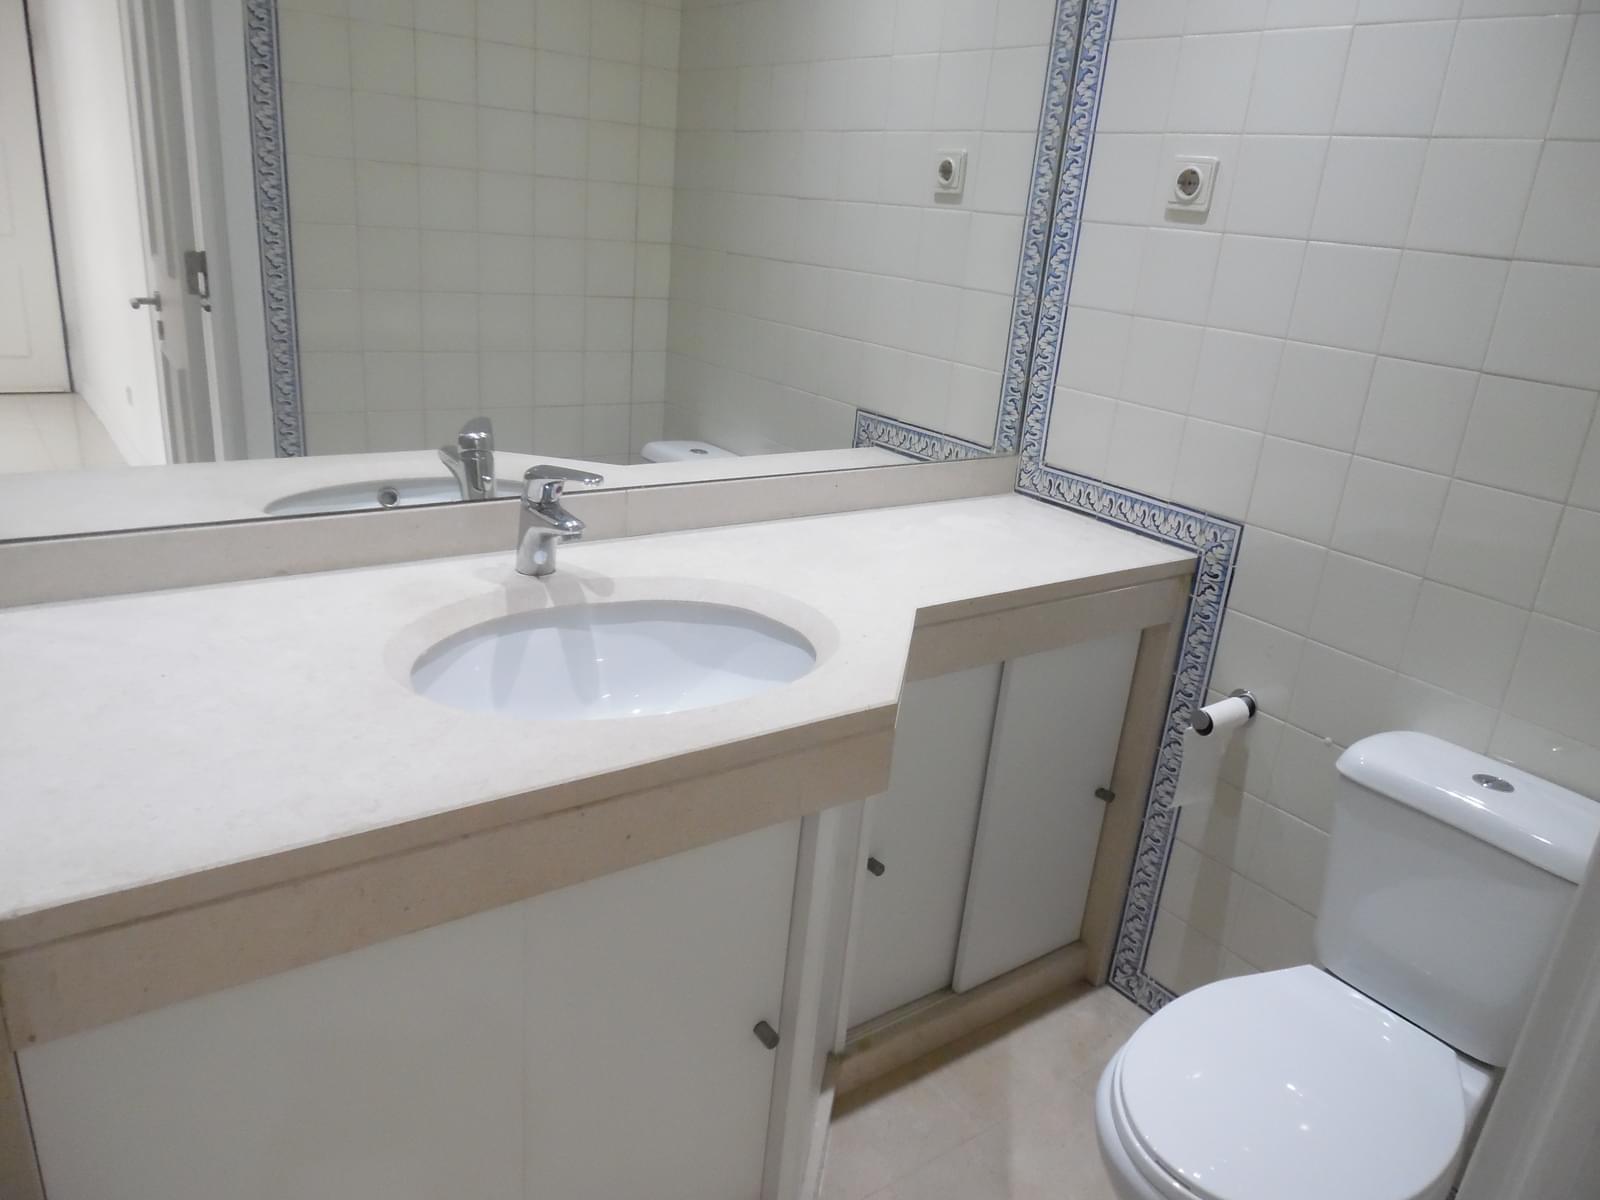 pf17637-apartamento-t2-lisboa-3ed7b814-3e12-4593-a7c1-a51e594aaa8e